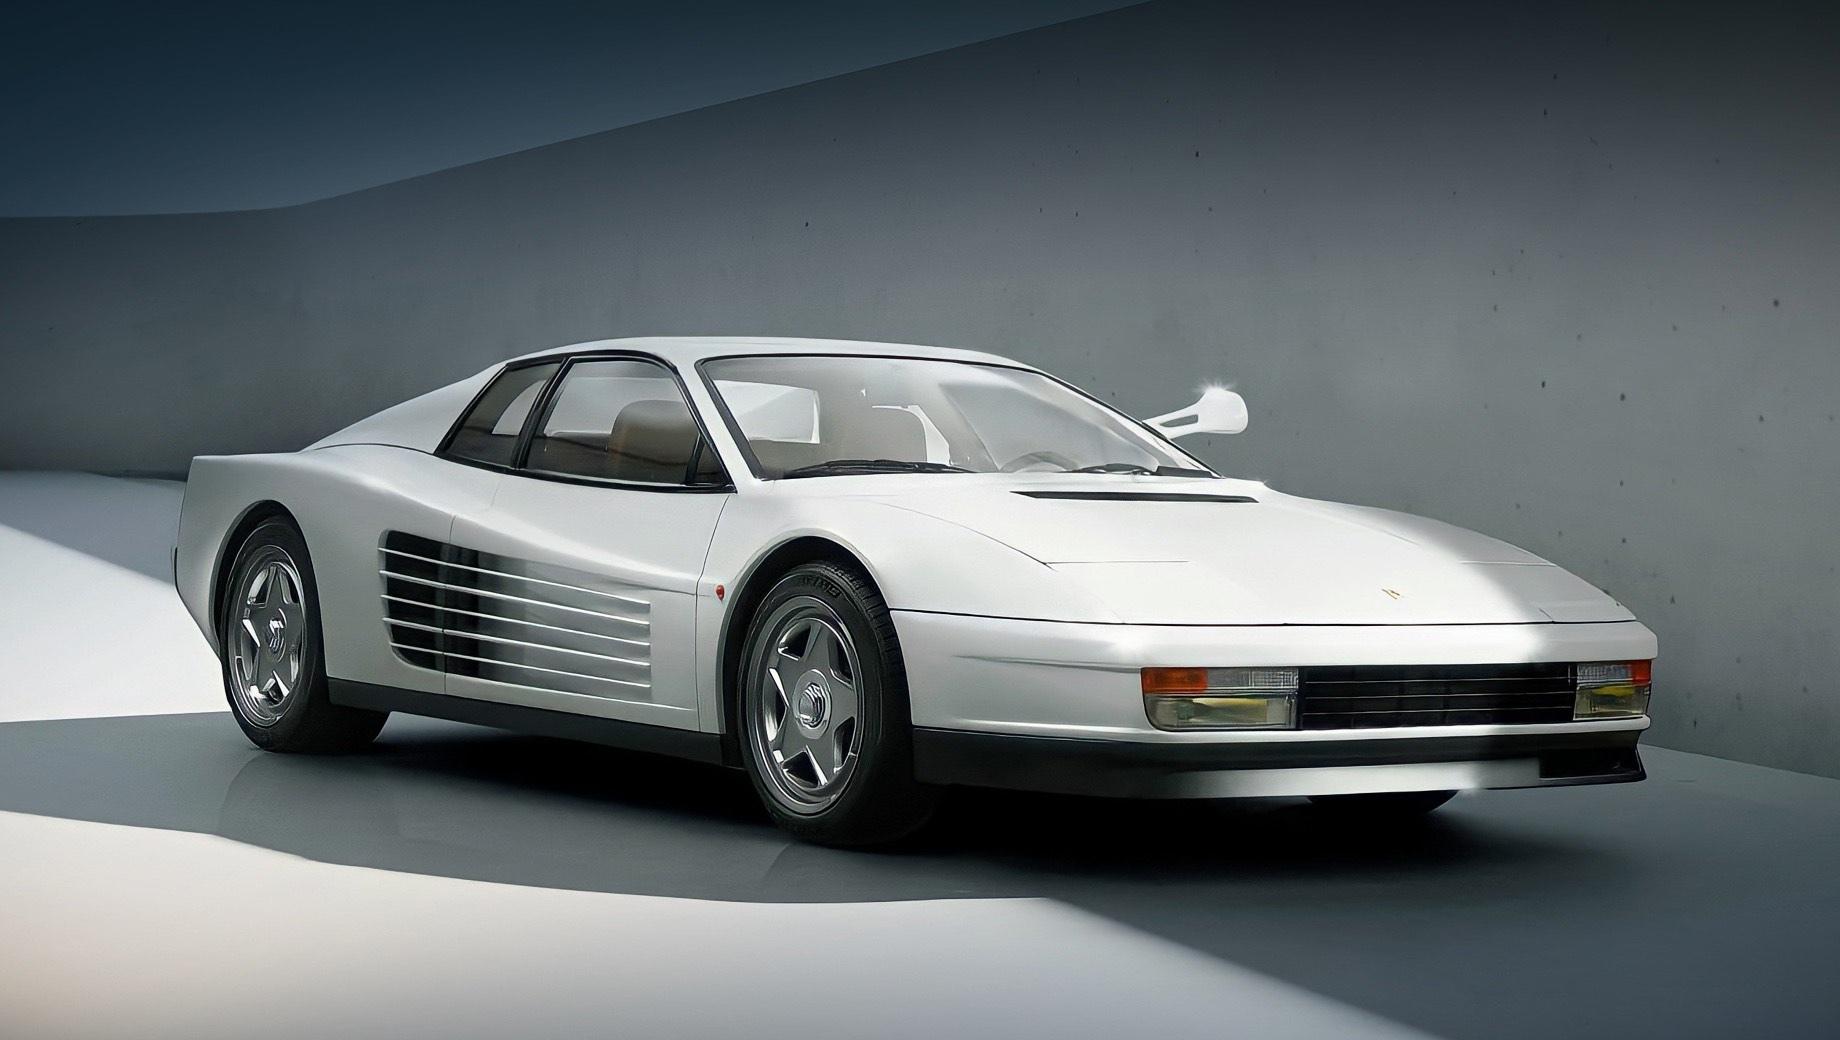 Ferrari testarossa. Рестомод может похвастаться регулируемыми амортизаторами Öhlins и тормозами Brembo с шестипоршневыми механизмами на передней оси и четырёхпоршневыми на задней. Они скрыты за колёсами диаметром 17 и 18 дюймов соответственно. На оригинале использовались 16-дюймовые.